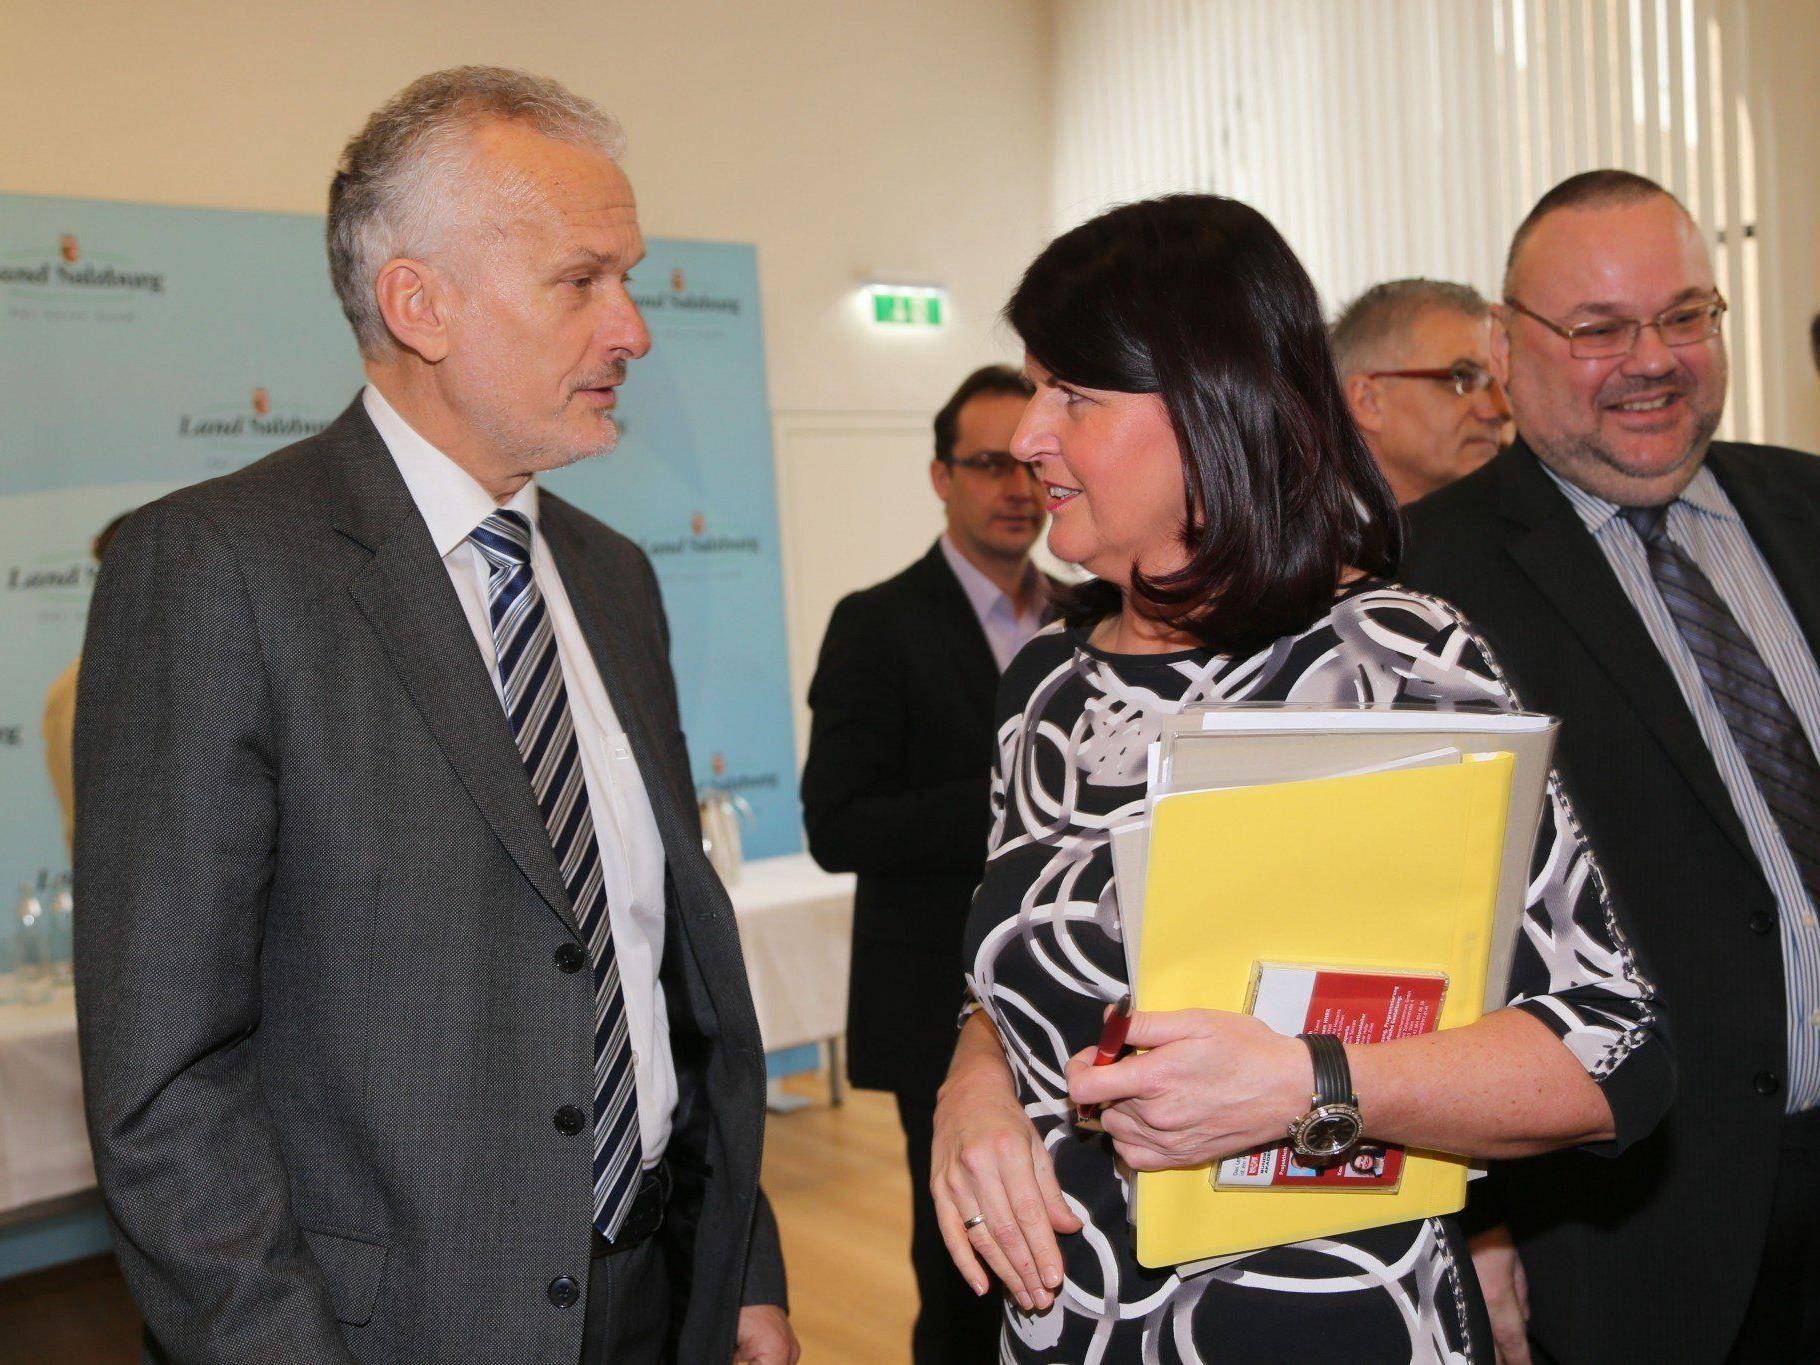 Die gesetzliche Basis für diesen Systemwechsel fand bei Rechnungshof-Präsident Moser (links im Bild) ein positives Echo.